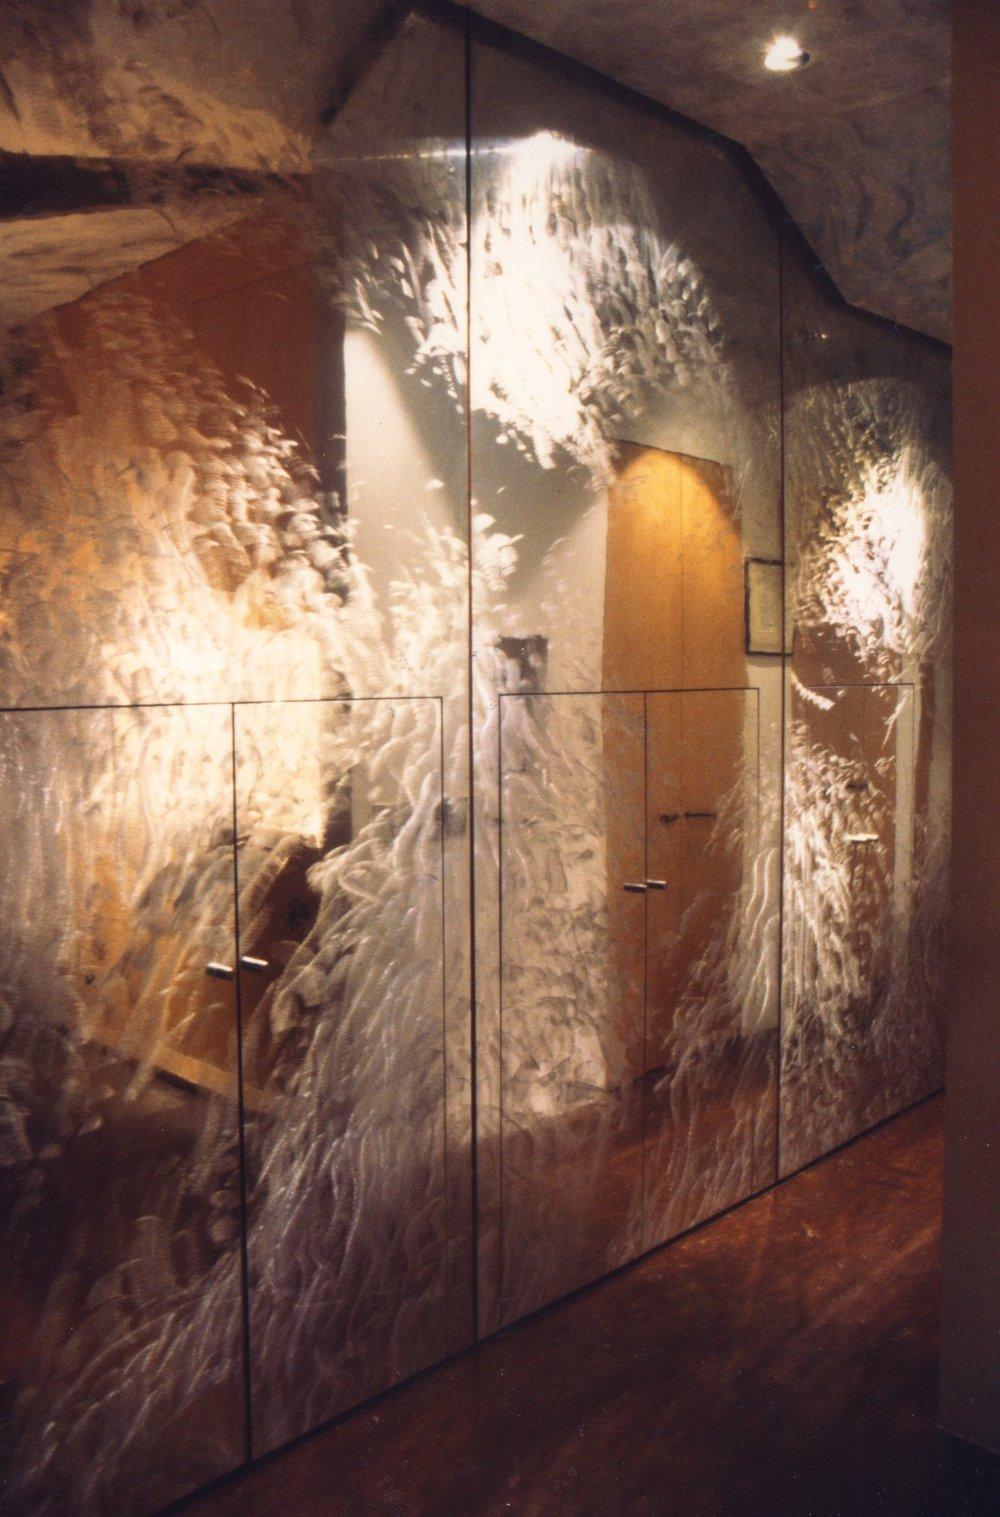 Brushed Aluminum Storage Wall - Hallway - Landscape Image.jpg